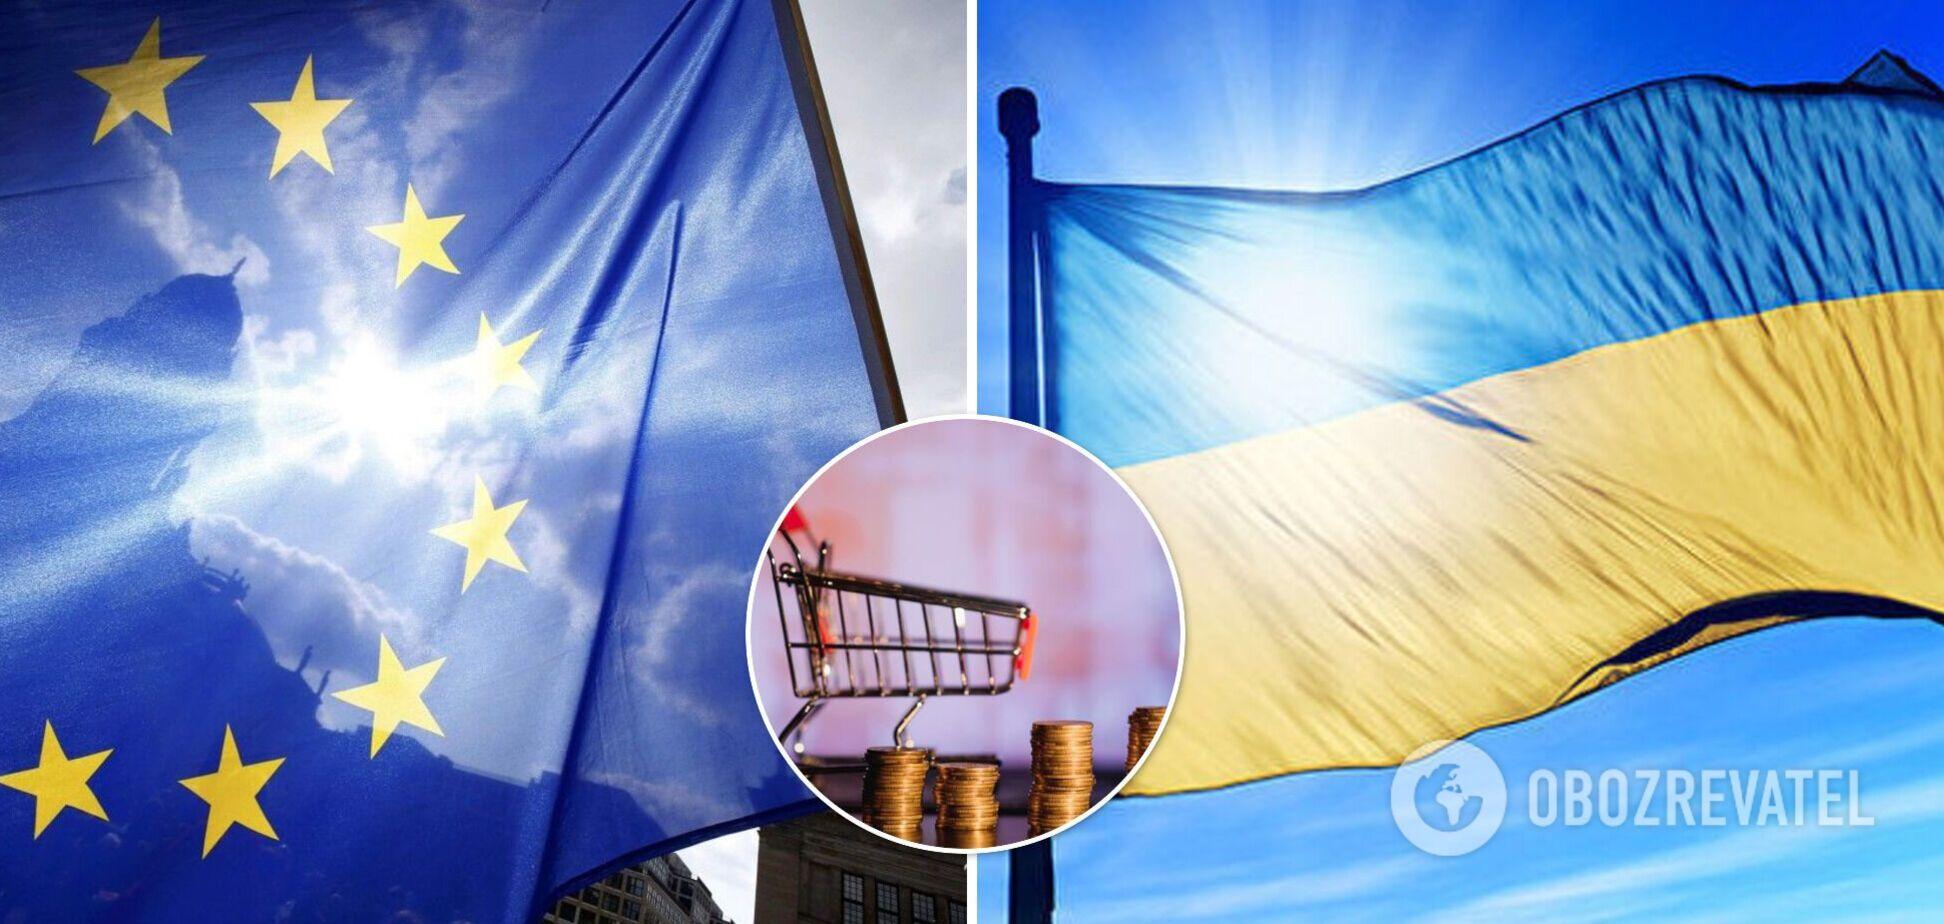 Ціни на одяг і меблі в ЄС нижчі, ніж в Україні